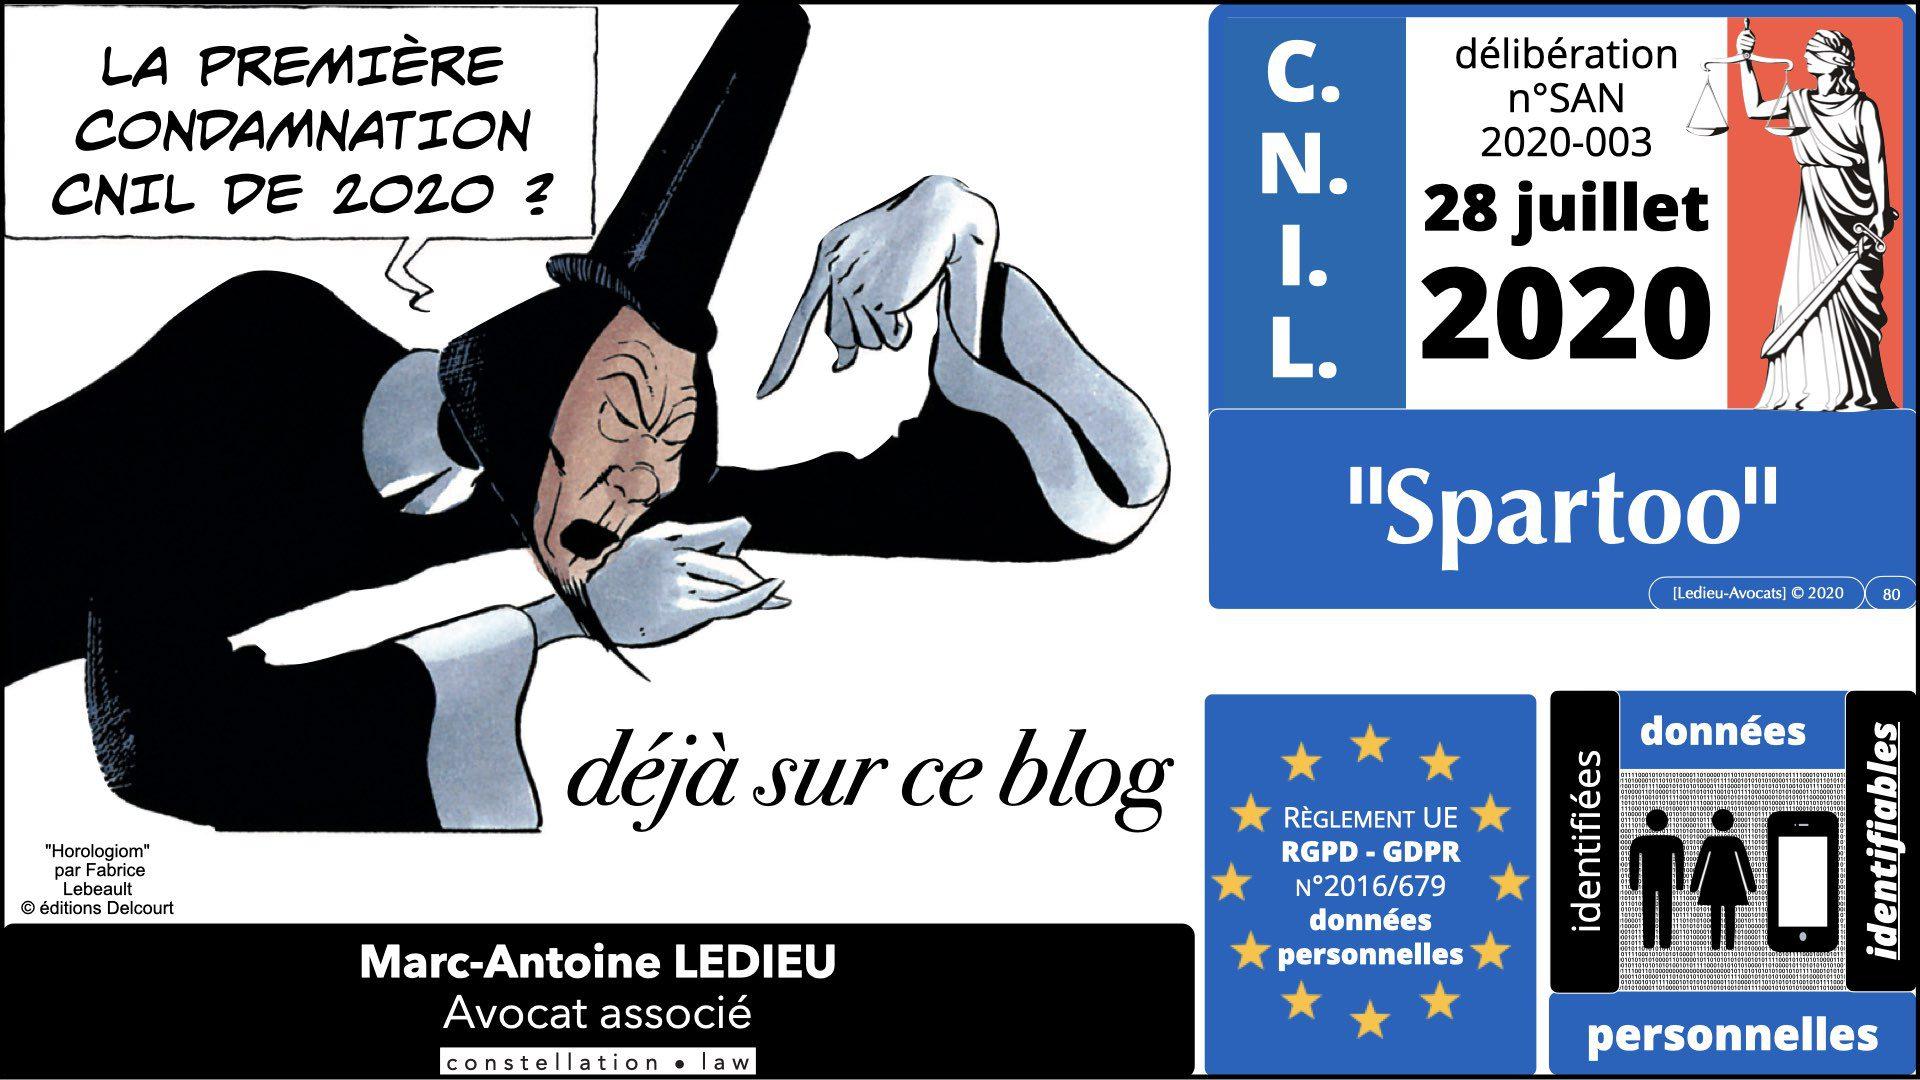 342 droit mot de passe OIV OSE ANALYSE de RISQUE EBIOS RM © Ledieu-Avocats technique droit numérique 05-09-2021.010